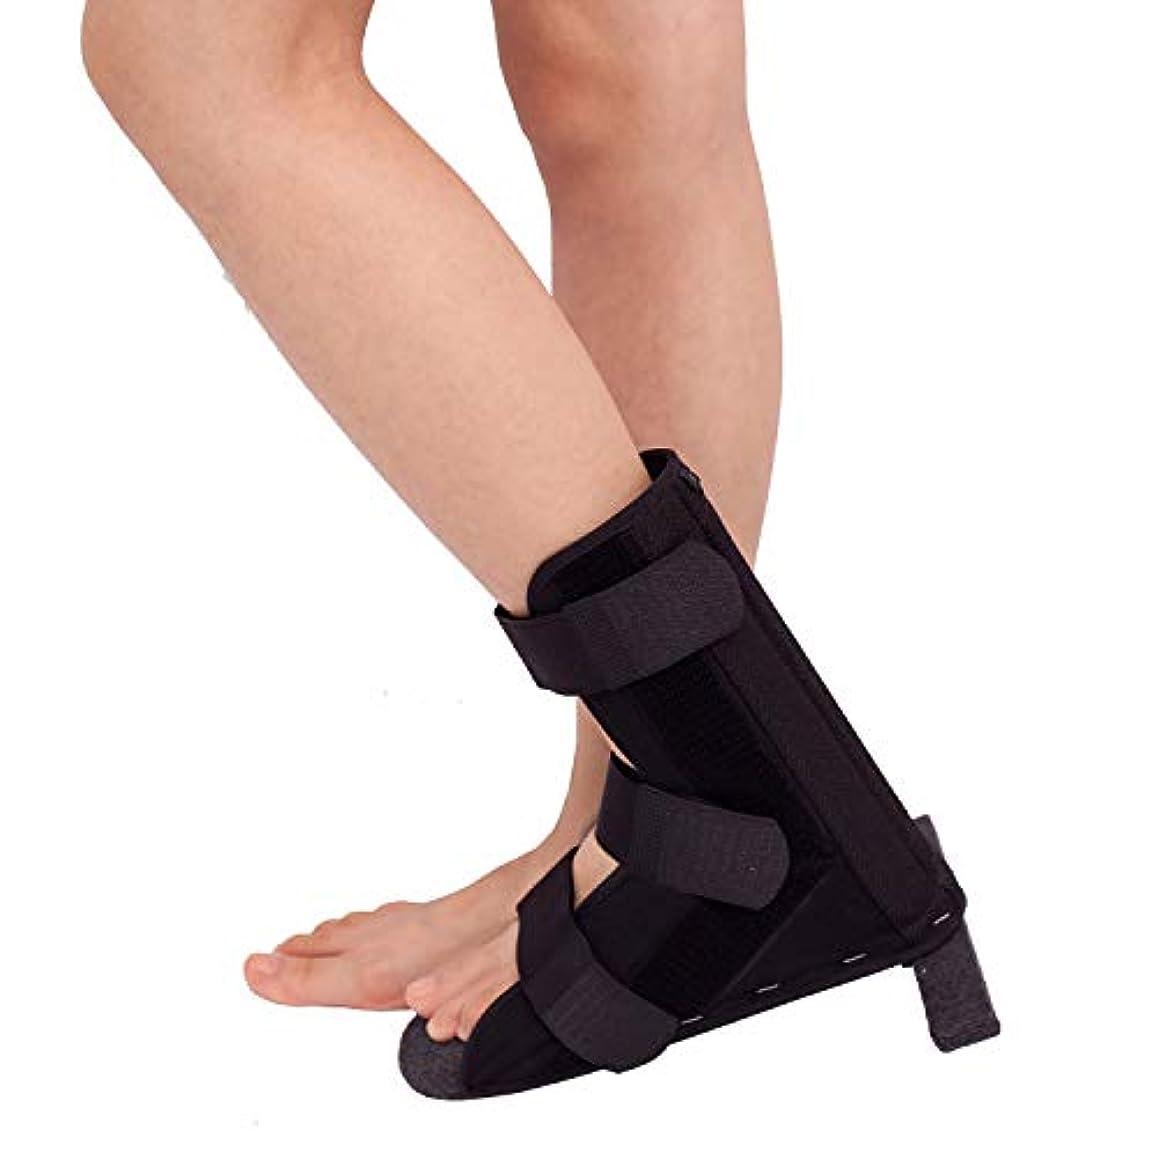 現代冷凍庫つらい足首サポート ア、T字型靴、整形外科用靴、足首骨折、捻挫固定ブラケット (Size : L)